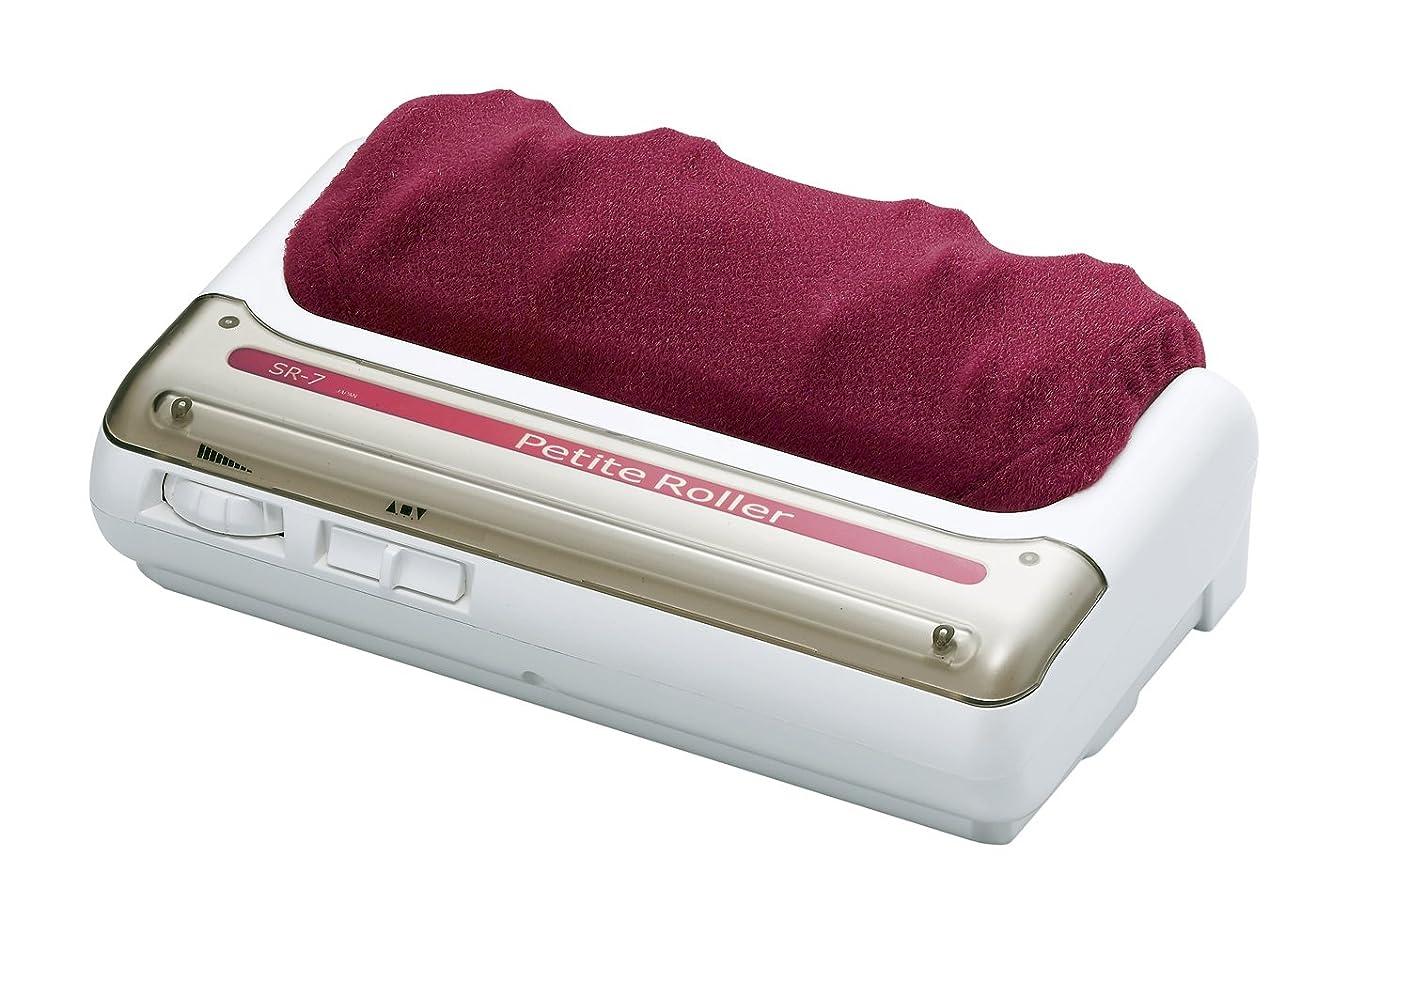 情緒的ピッチ入射的場電機製作所 コンパクトマッサージ器 プチローラー (petiteroller)